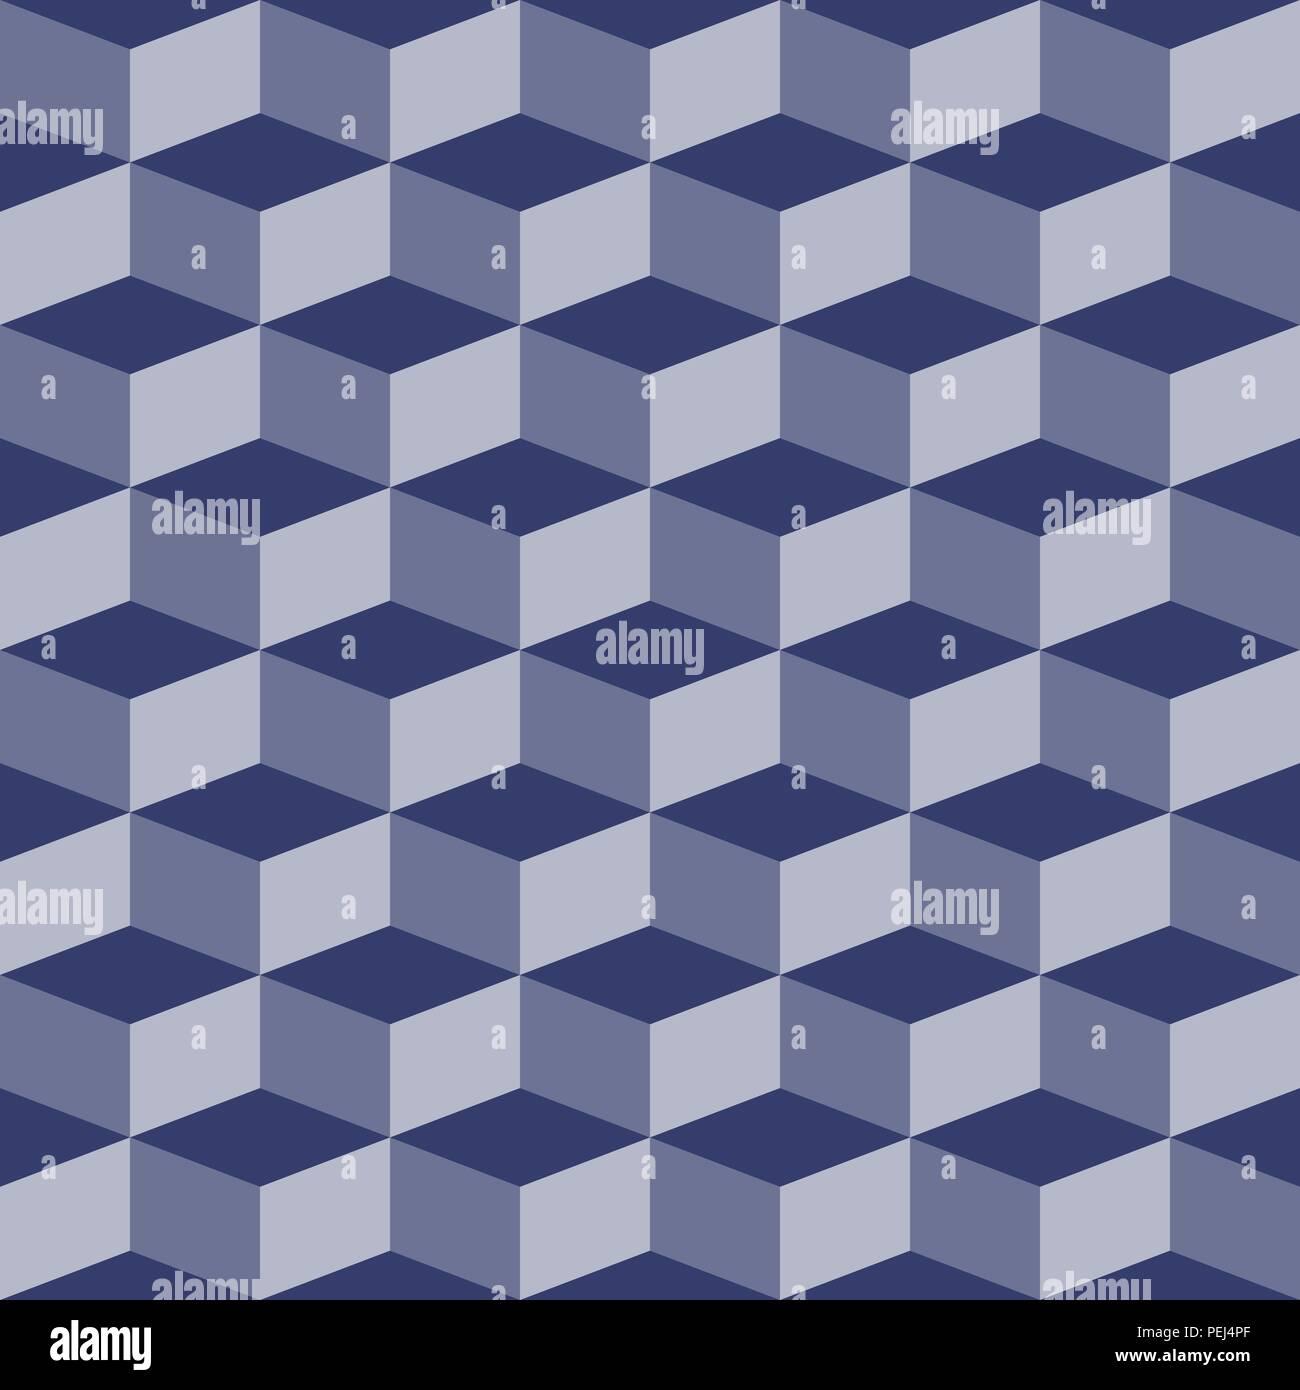 Resumen Bloques patrón perfecta ilusión visual Imagen De Stock